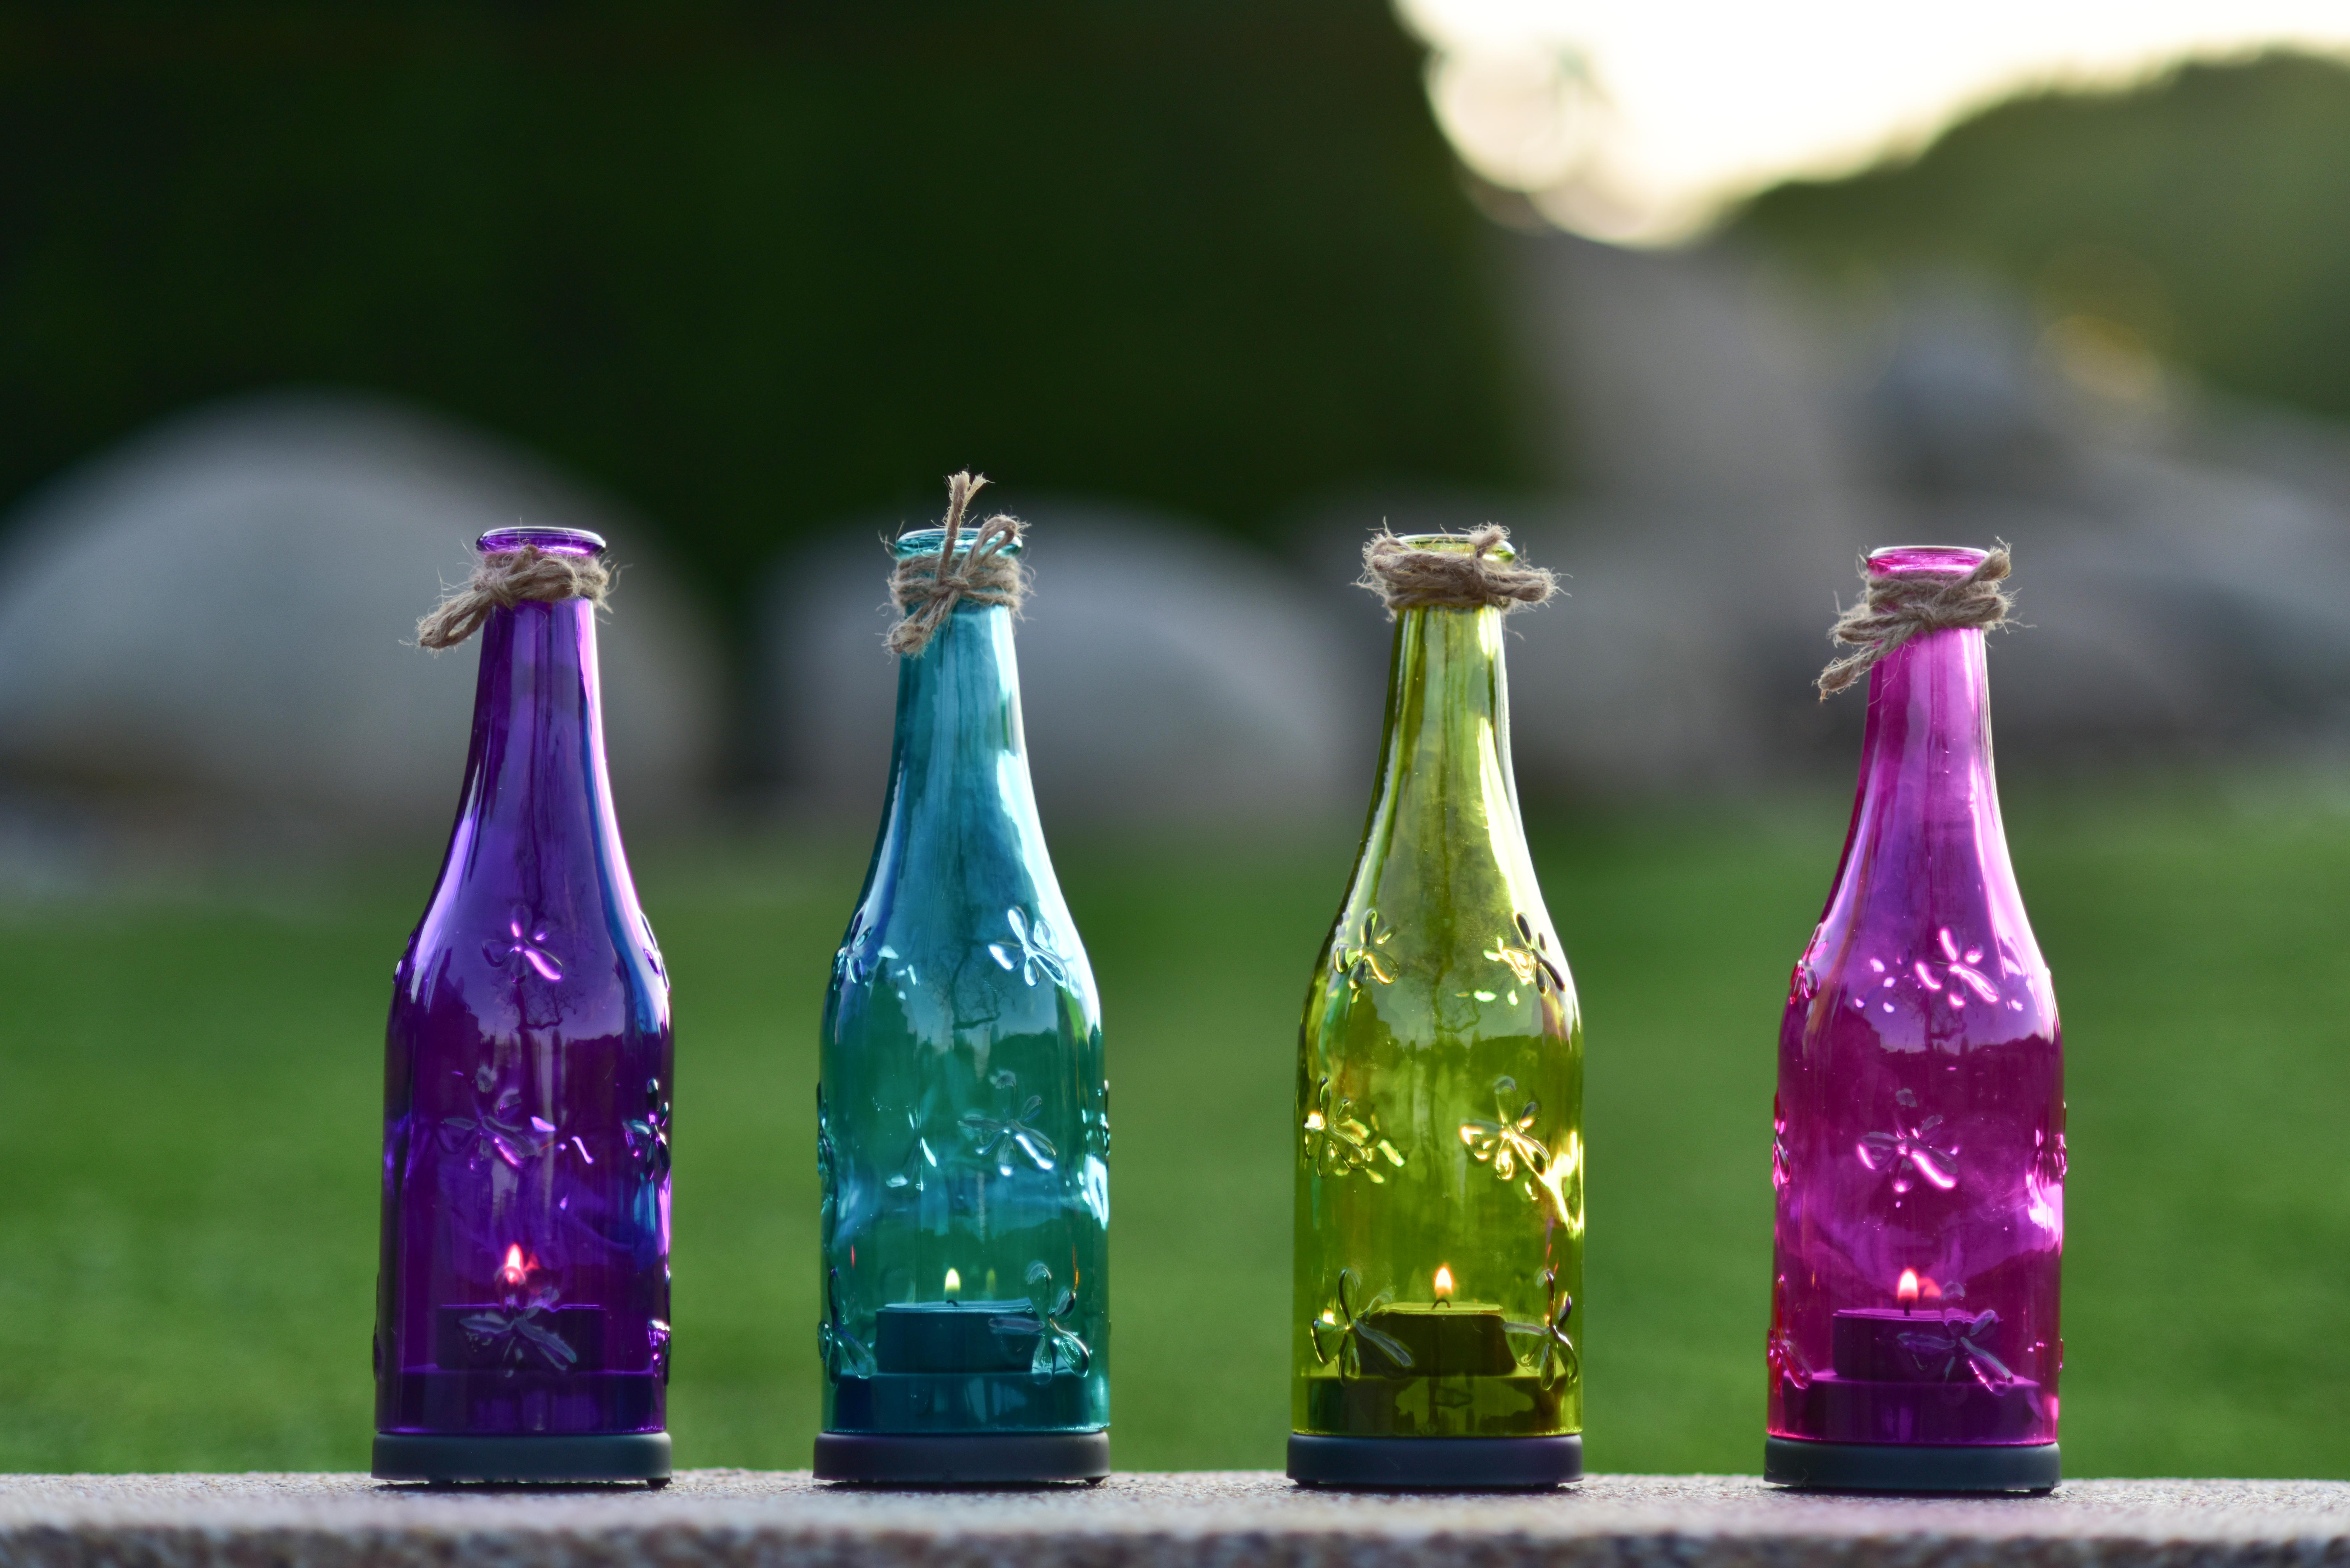 Barevná lahev svícen na čajovou svíčku tyrkysový